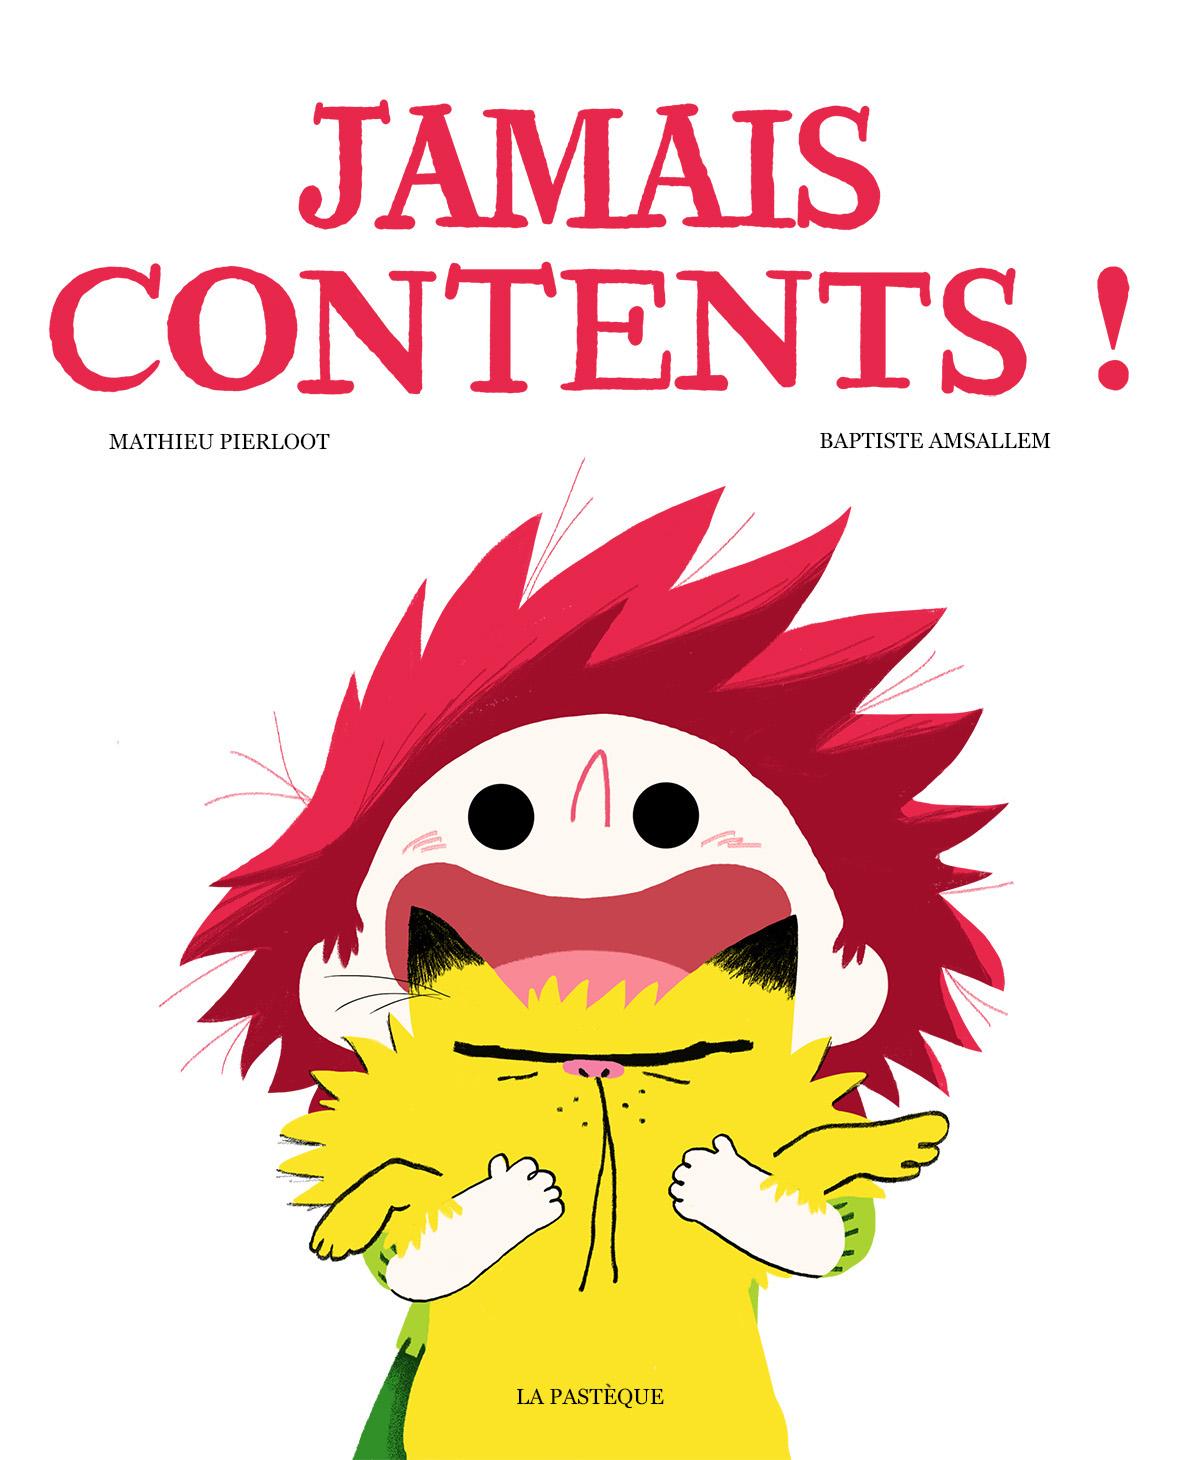 personnage de jovany 17/03/17 trouvé par Martine - Page 2 9782923841908